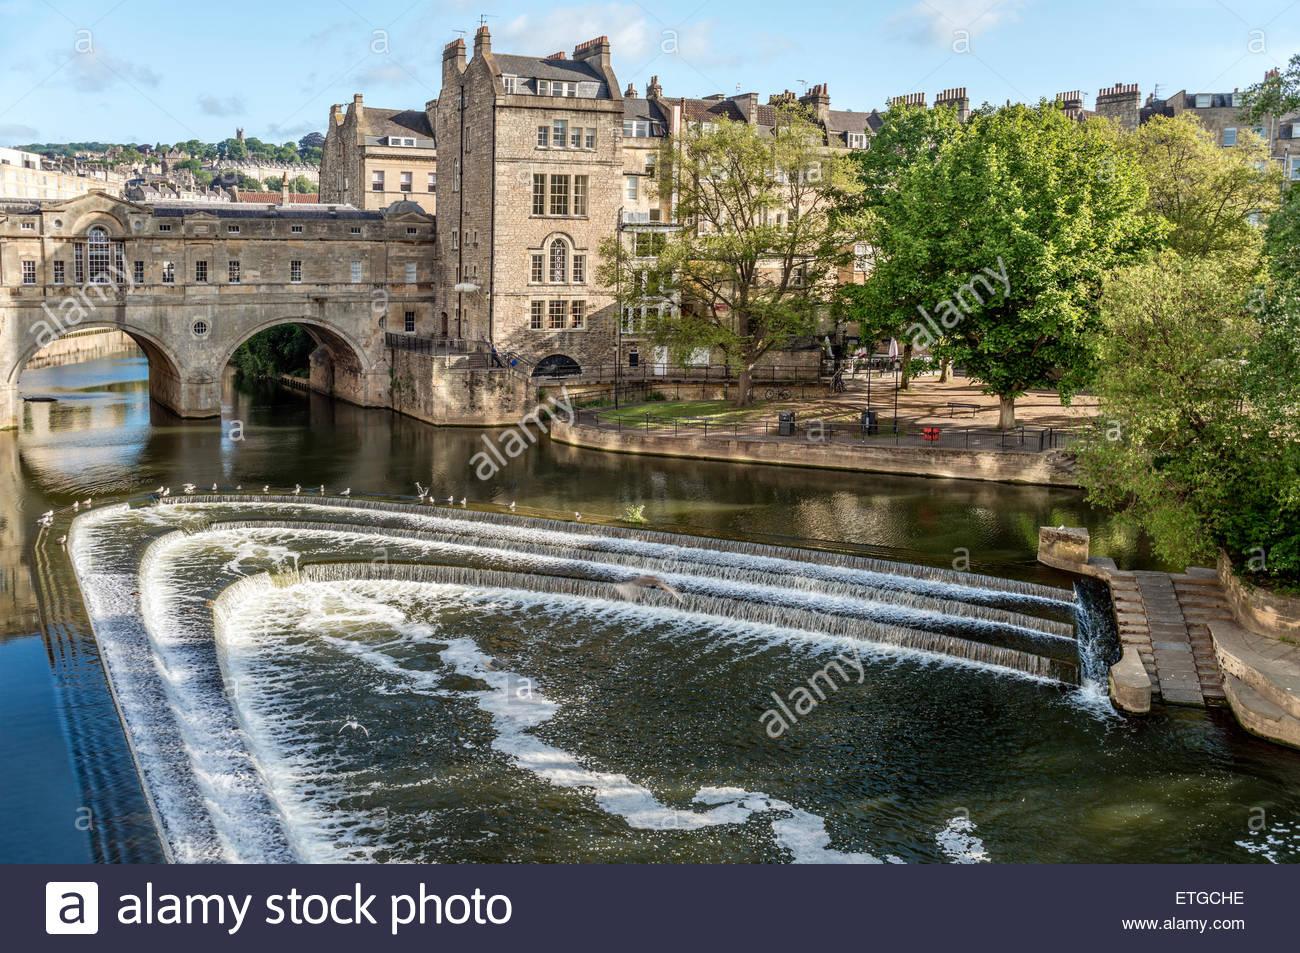 Puente Pulteney en el río Avon, visto desde los jardines Parade, Bath, Somerset, Inglaterra | puente Pulteney Imagen De Stock